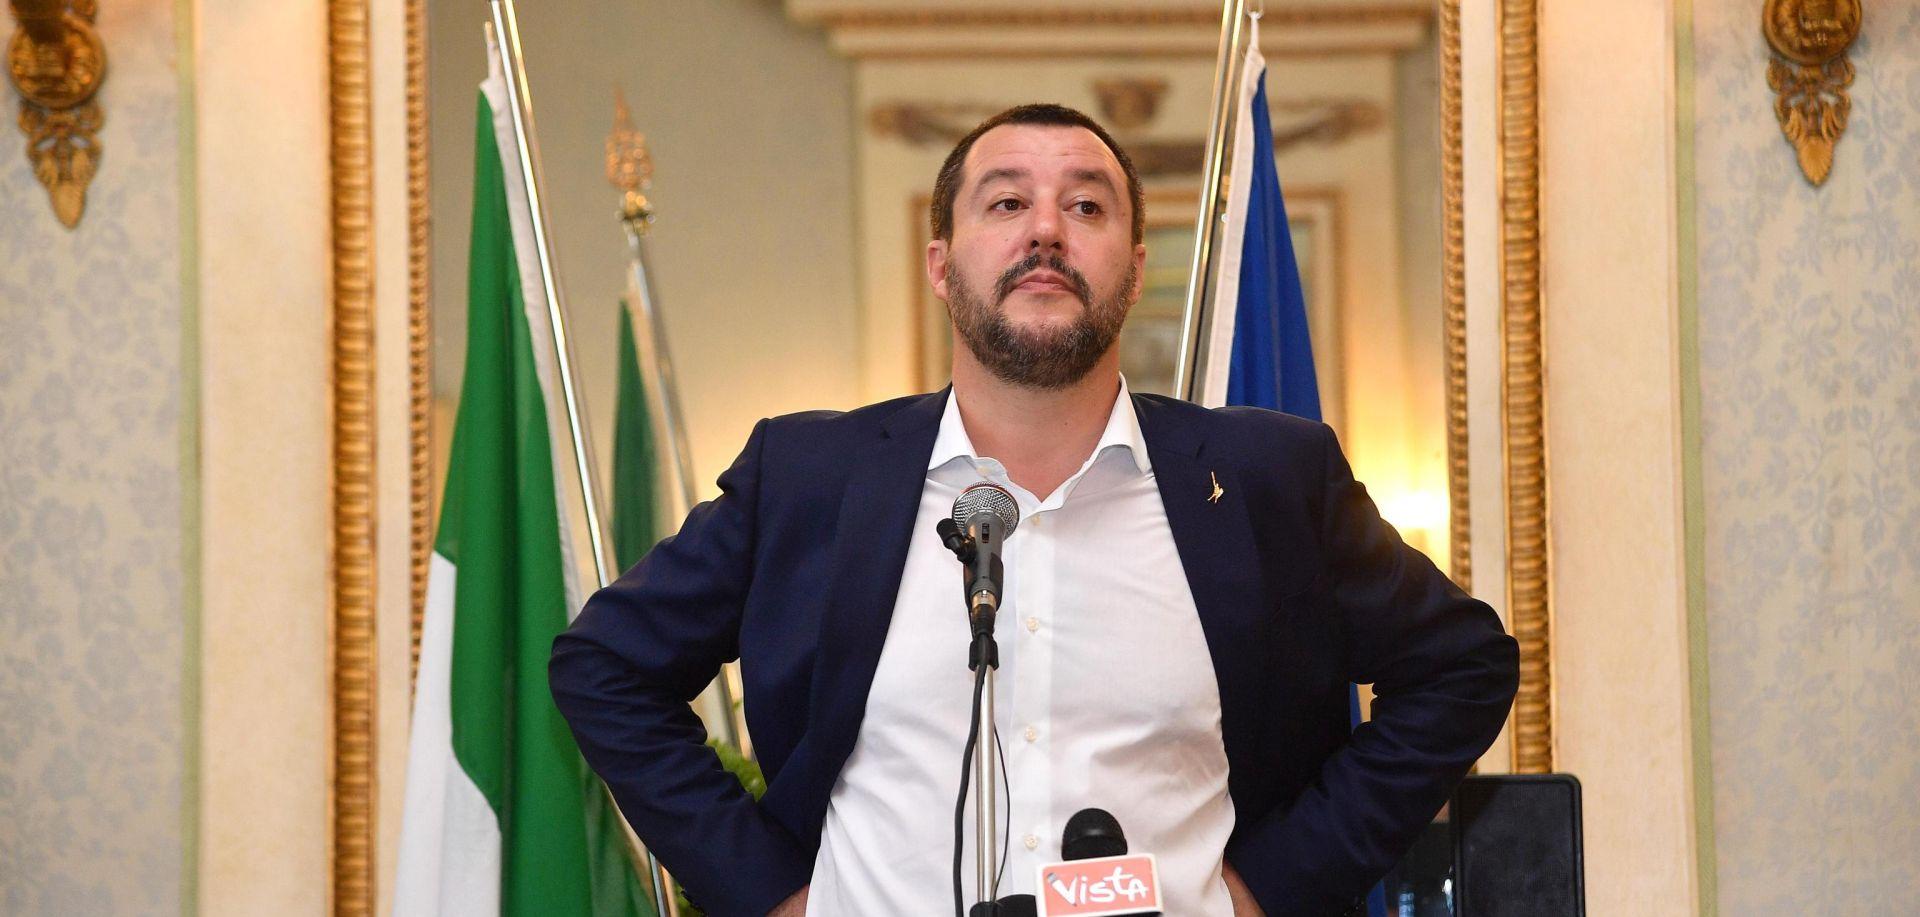 Salvini trijumfirao na lokalnim izborima